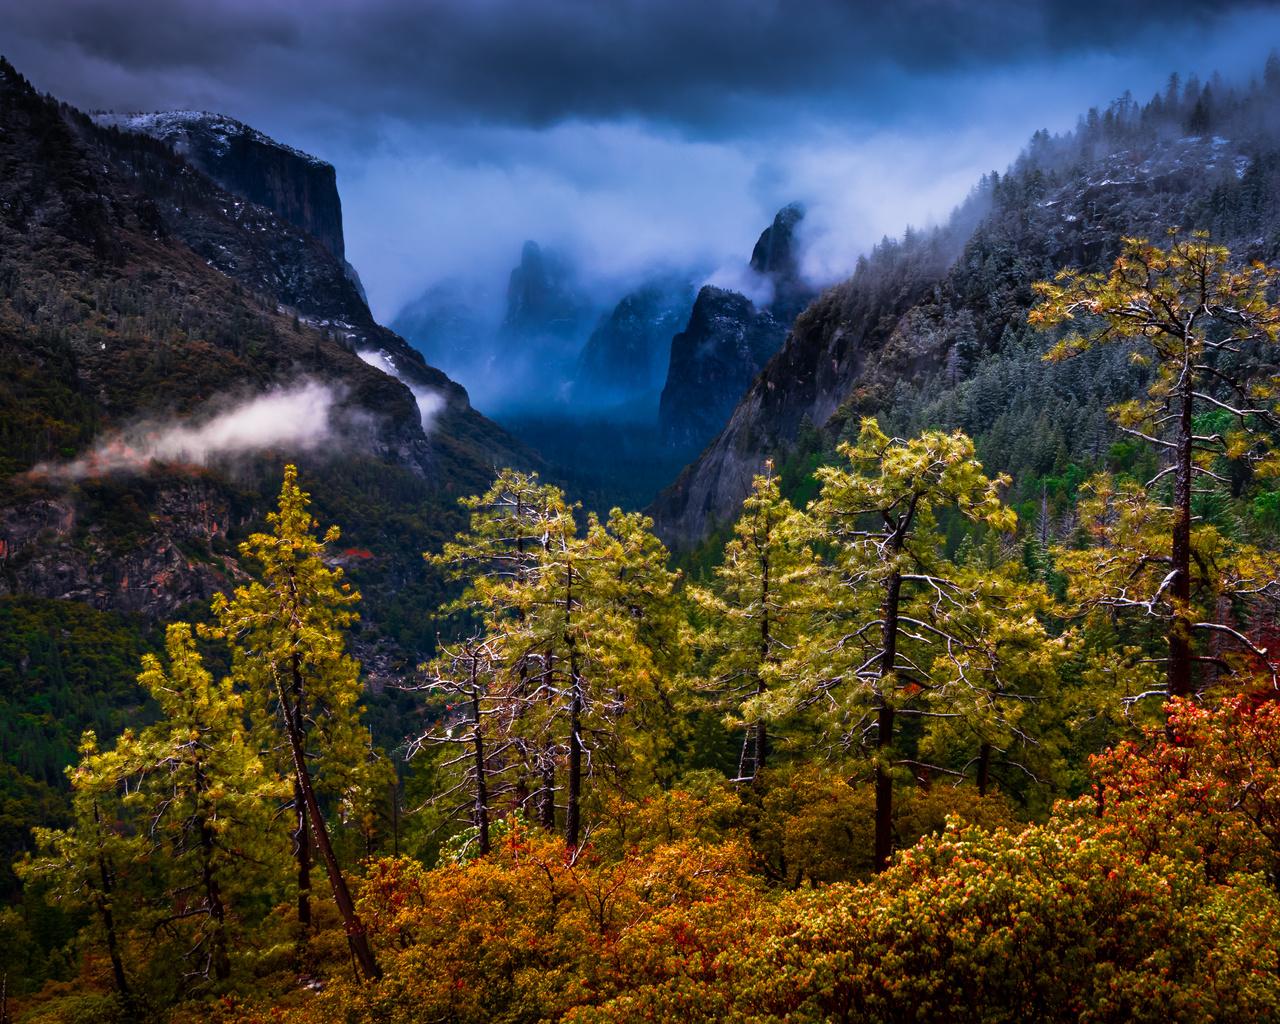 природа, пейзаж, деревья, горы, калифорния, california, национальный парк йосемити, yosemite national park, сьерра-невада, sierra nevada